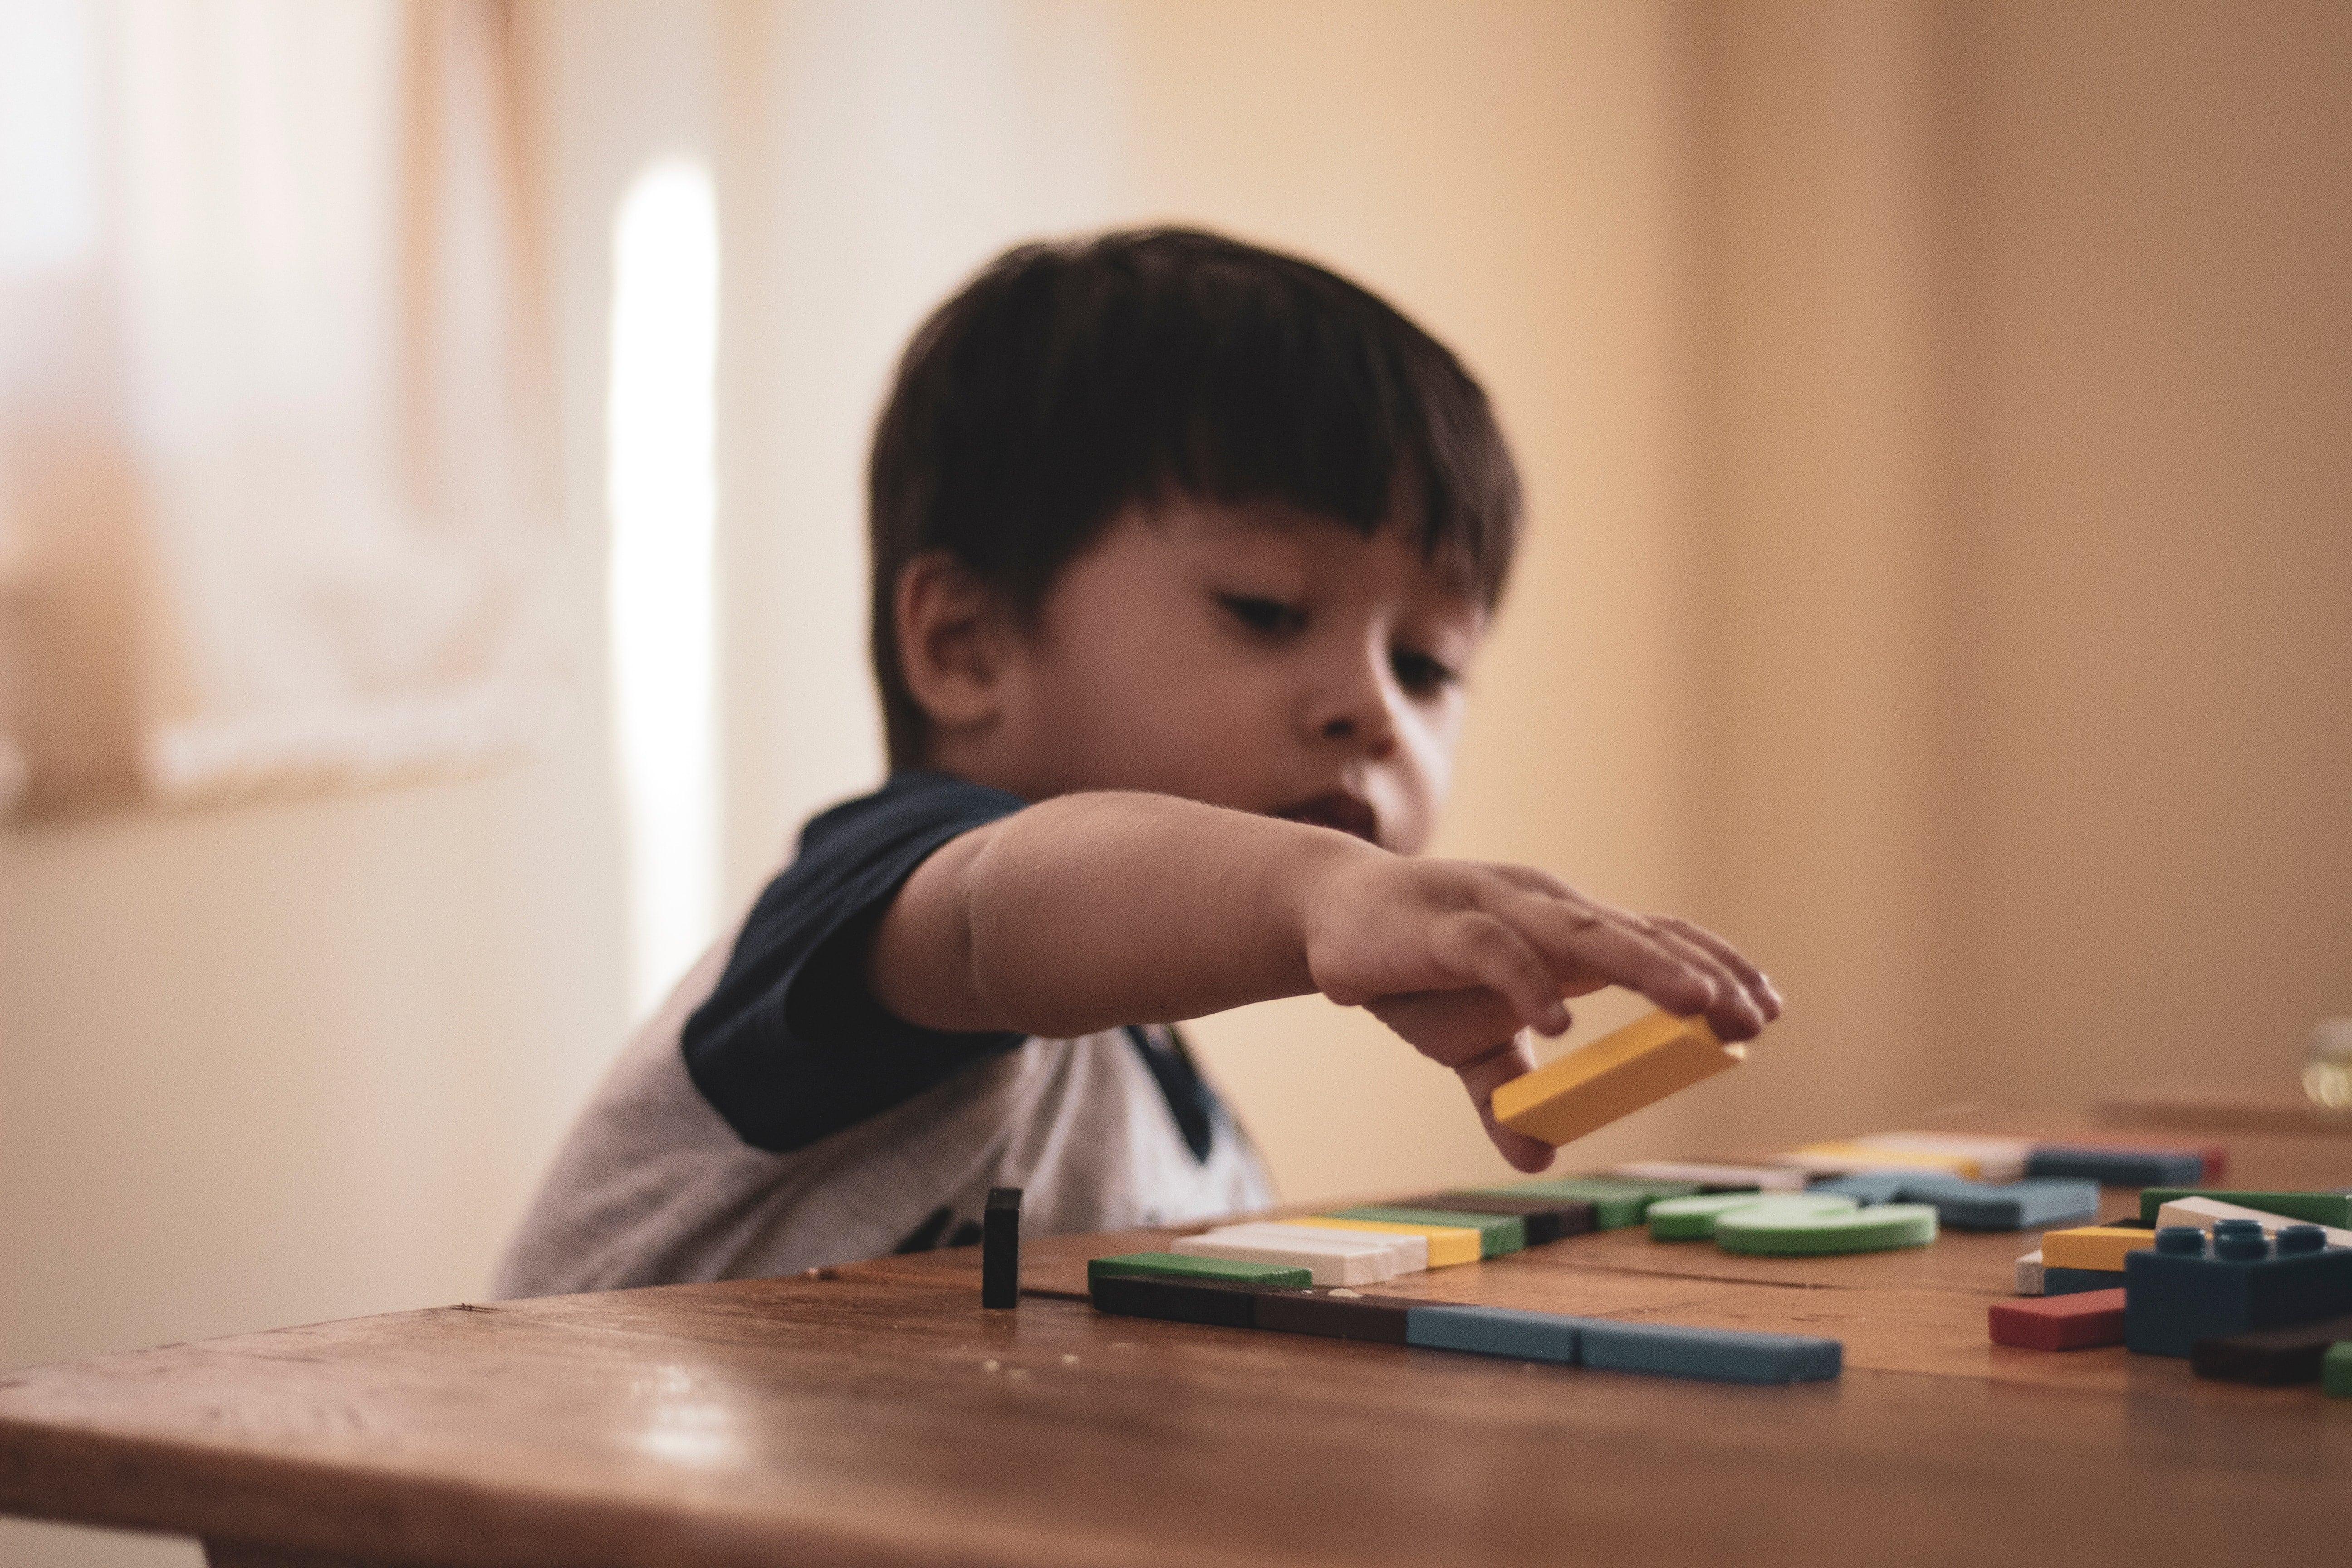 Come fare sì che il vostro bambino sviluppi una buona memoria? il trucco è semplice...farlo giocare!